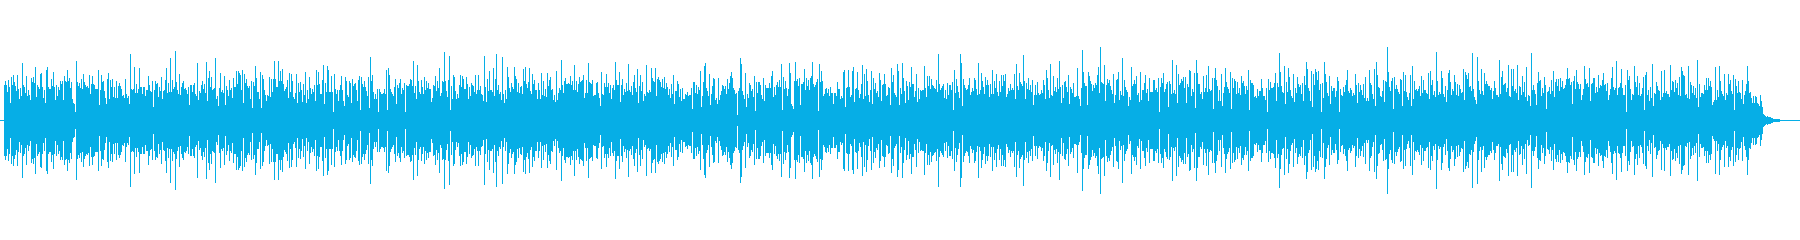 疾走感あるアコースティックギターの再生済みの波形